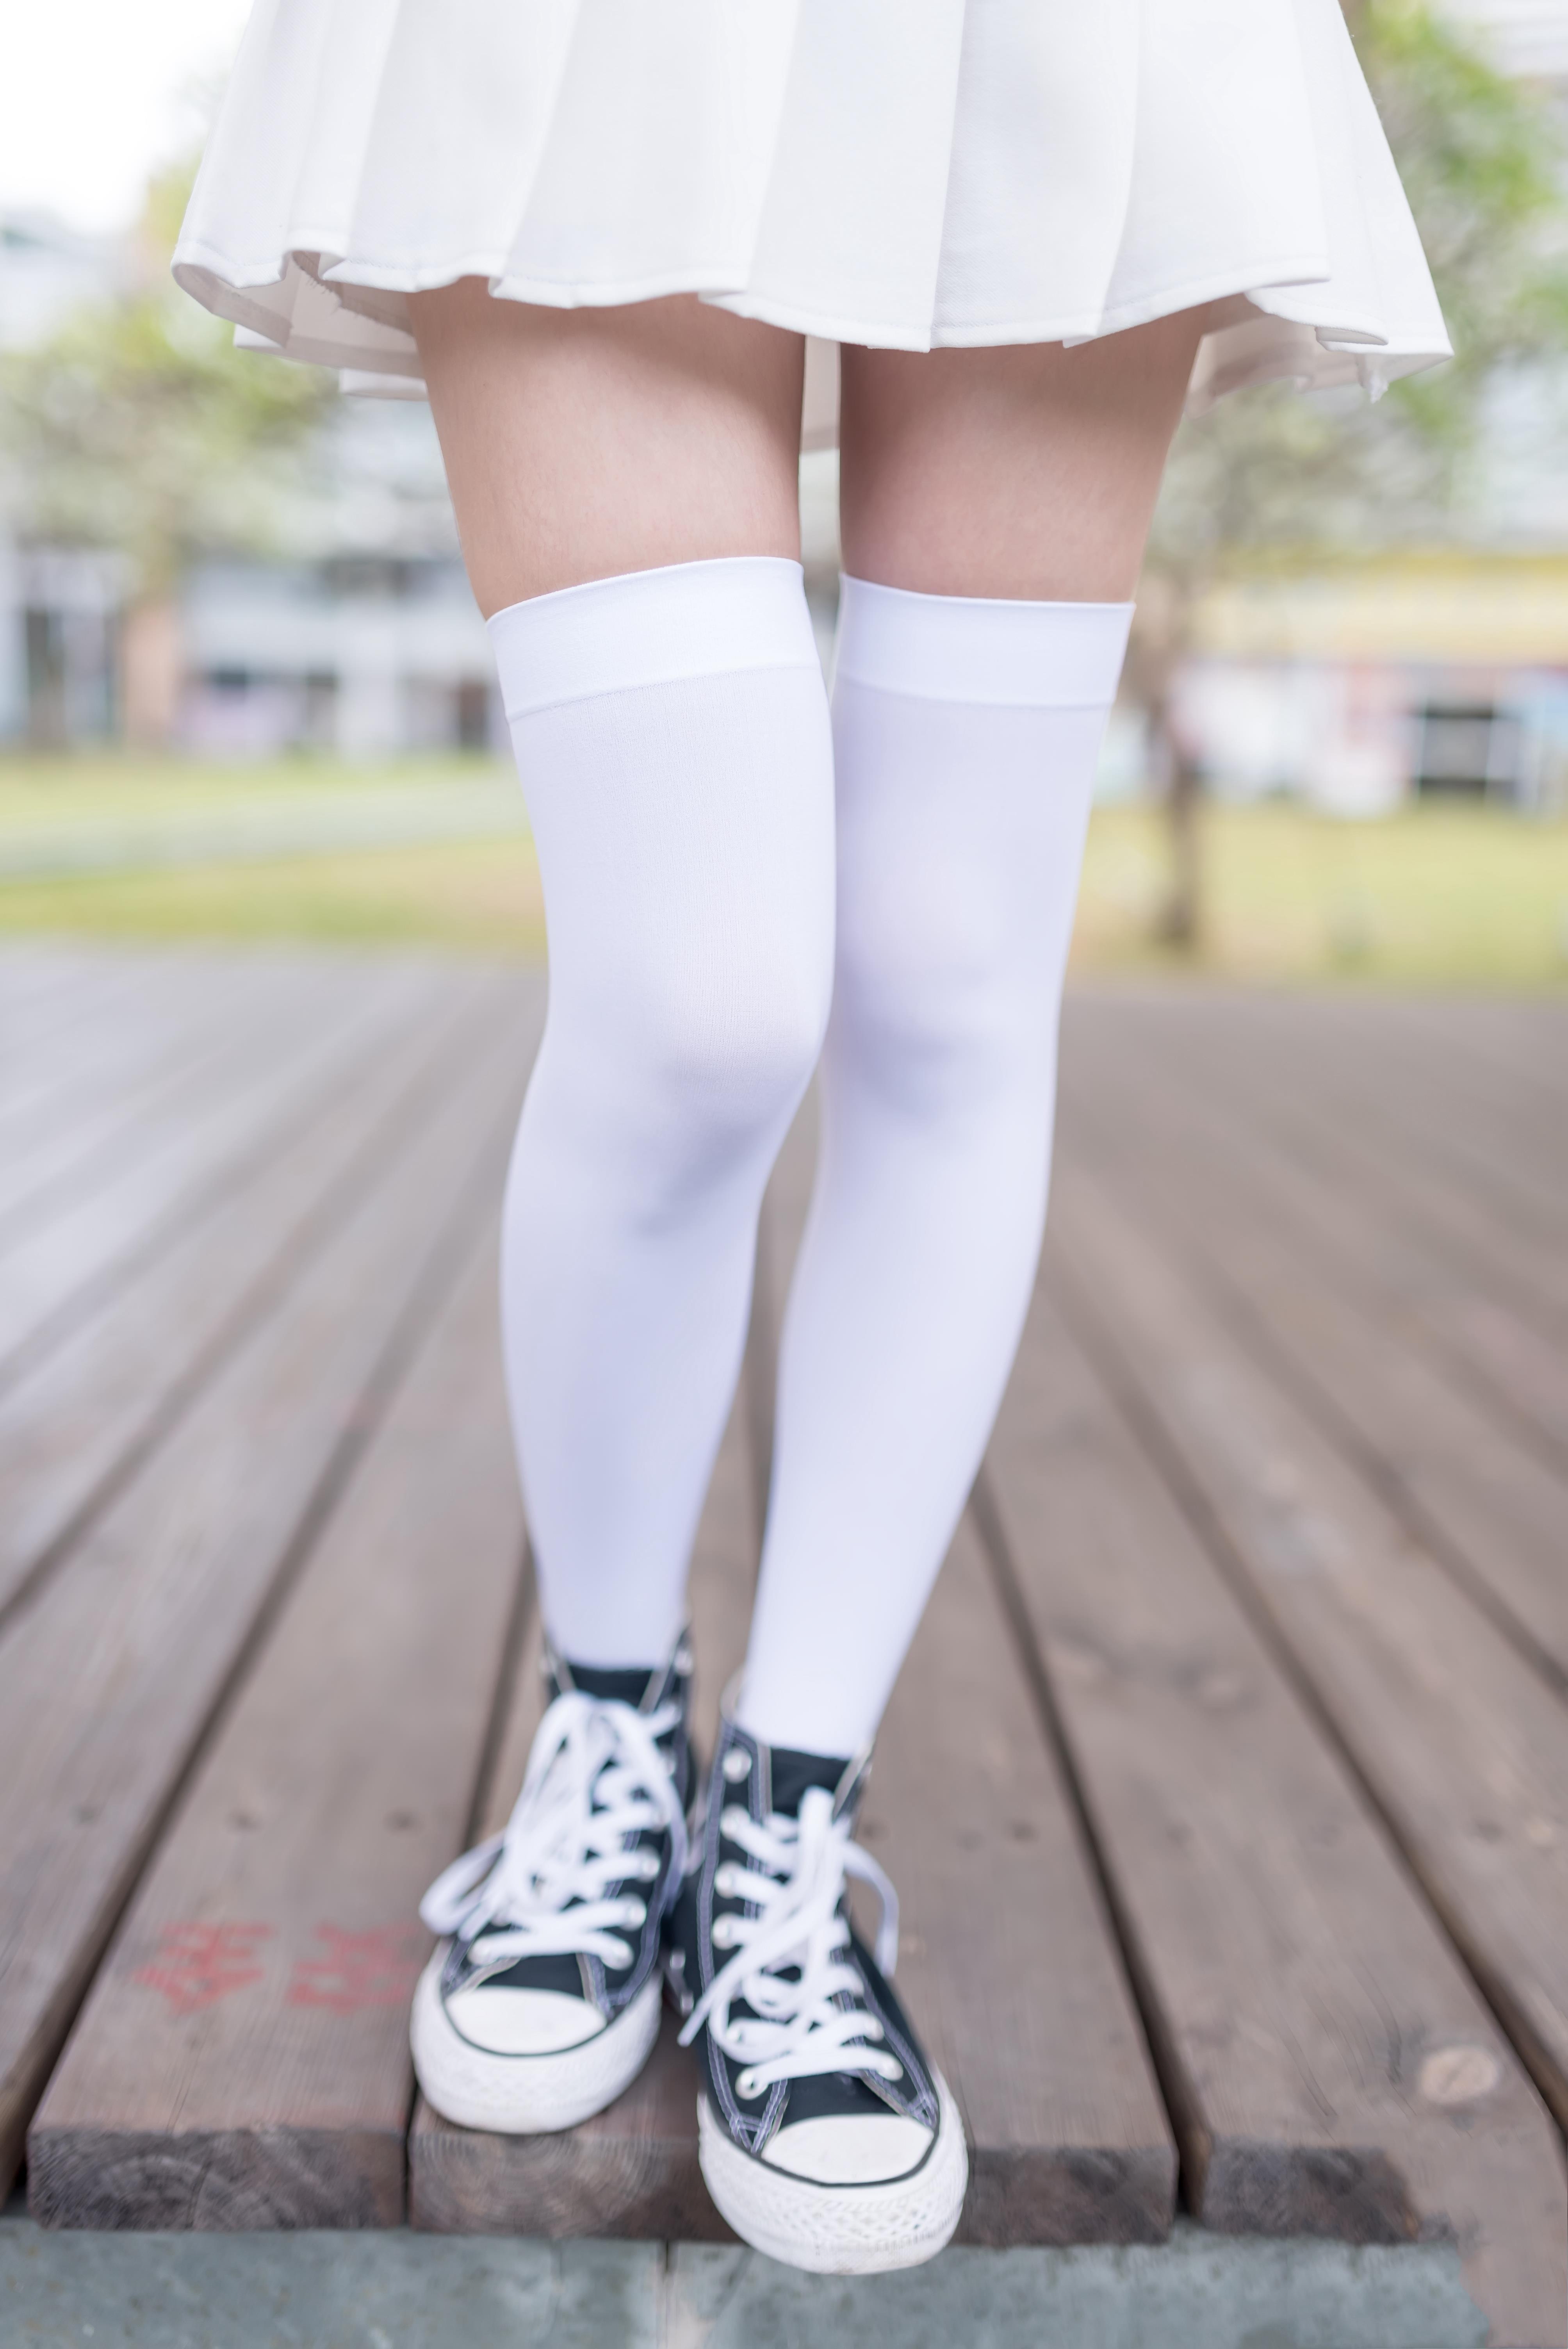 【风之领域0001】腿控福利-少女萝莉之白色短裙丝袜 为你的双眼解馋!!!